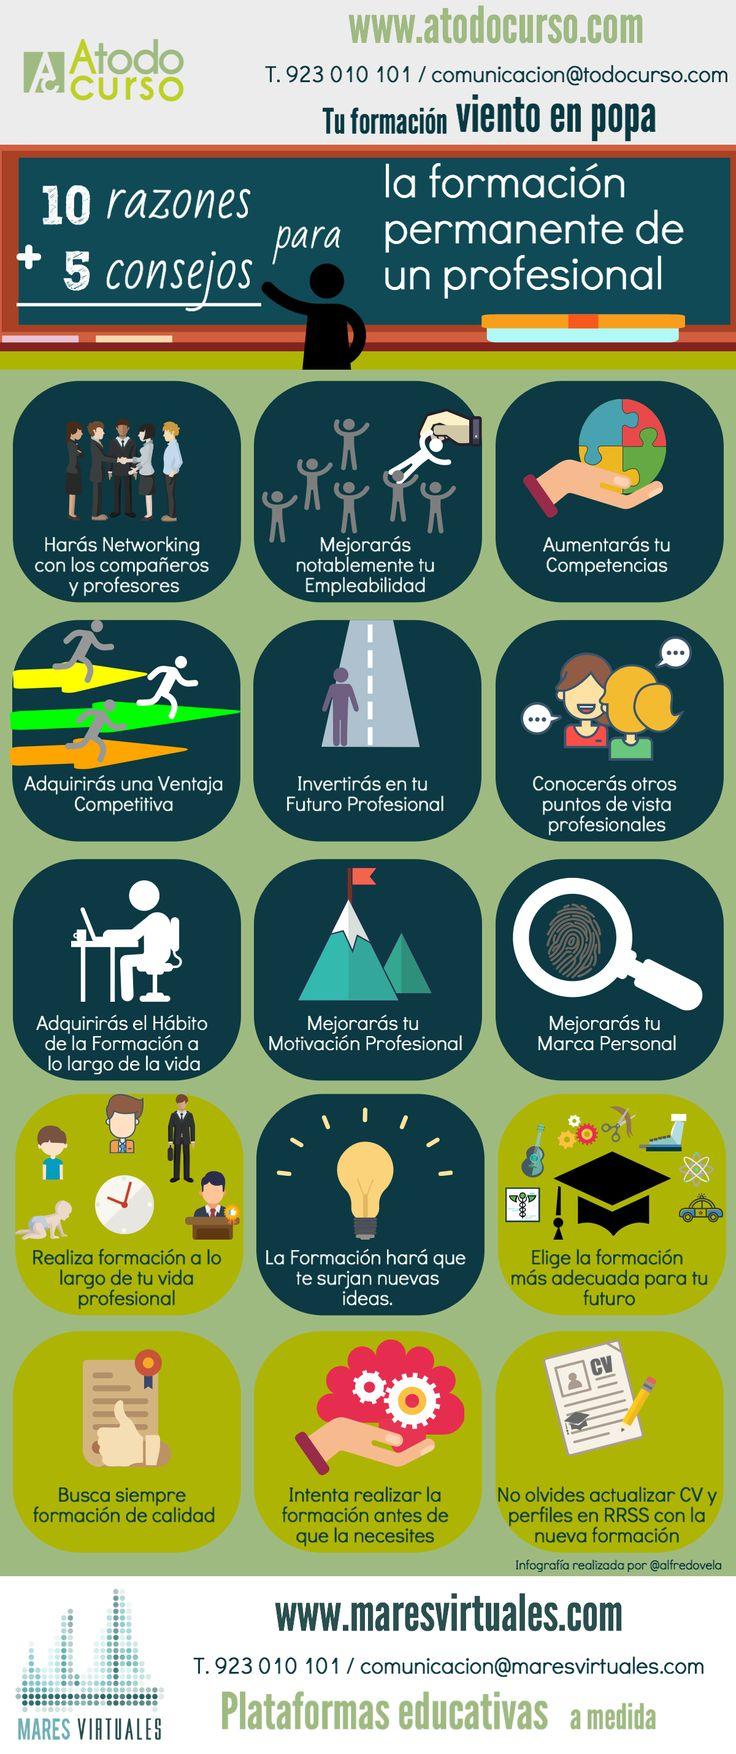 10 razones + 5 consejos para la Formación Permanente de un Profesional #infografia